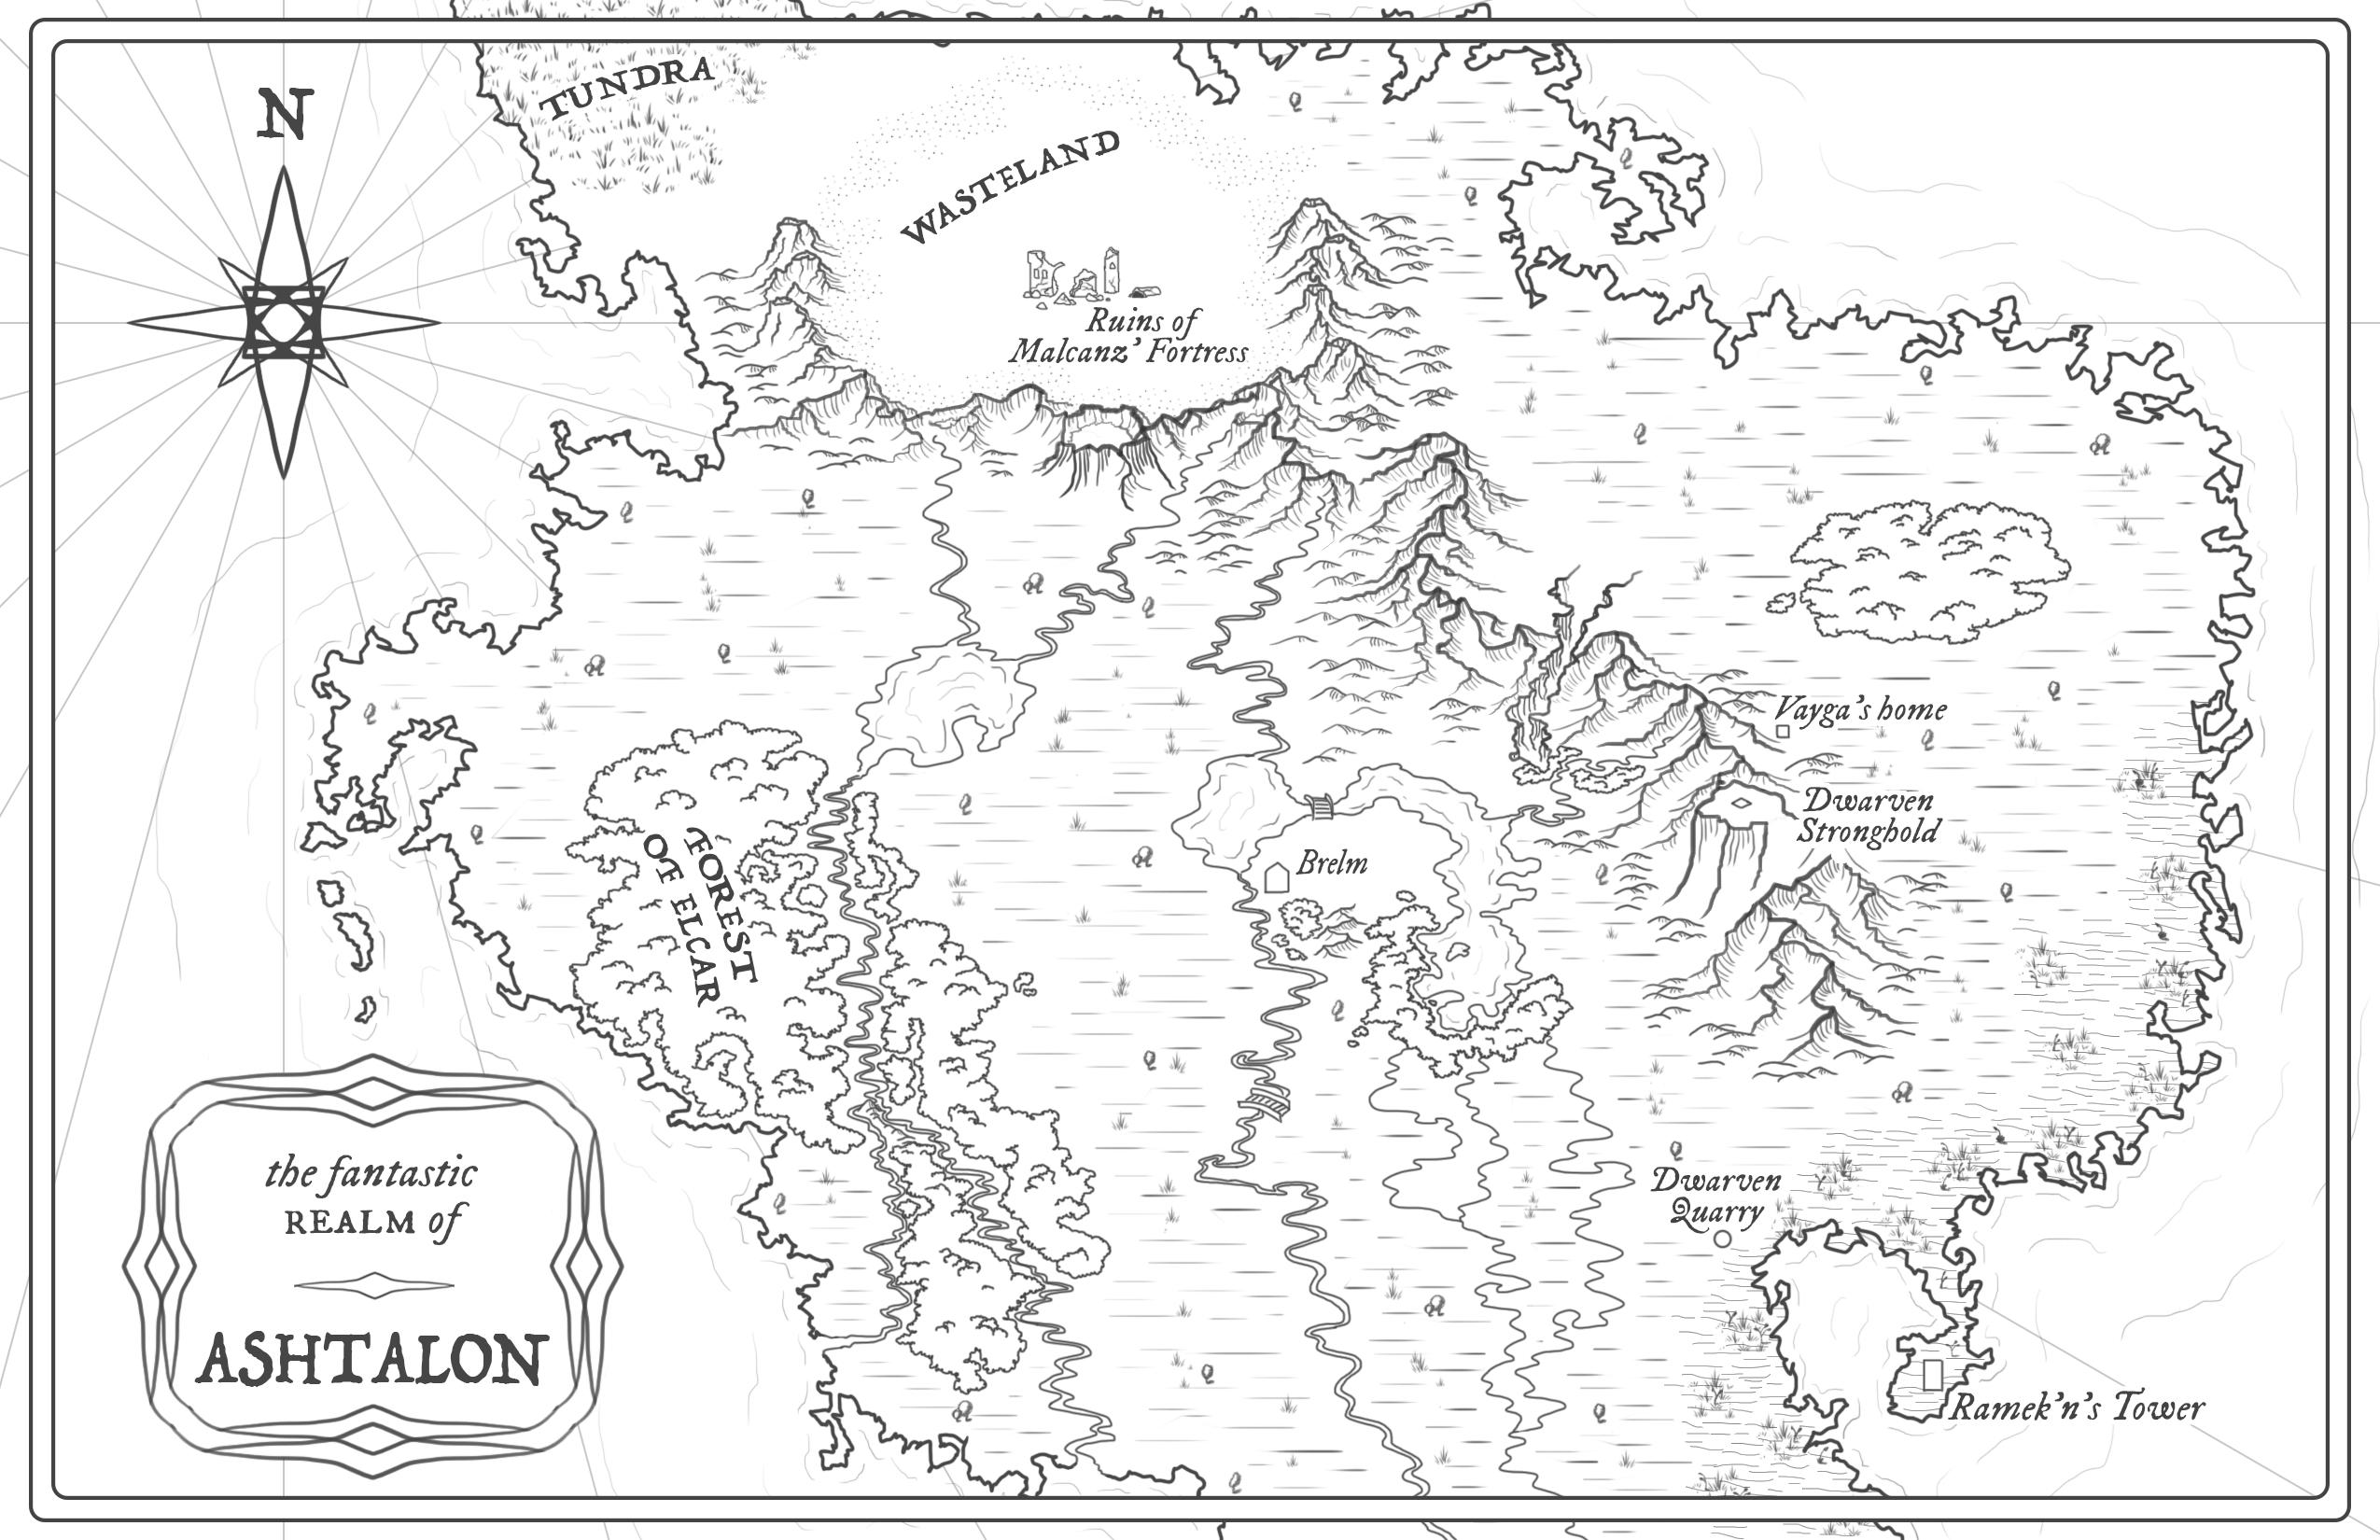 Ashtalon B&W map final